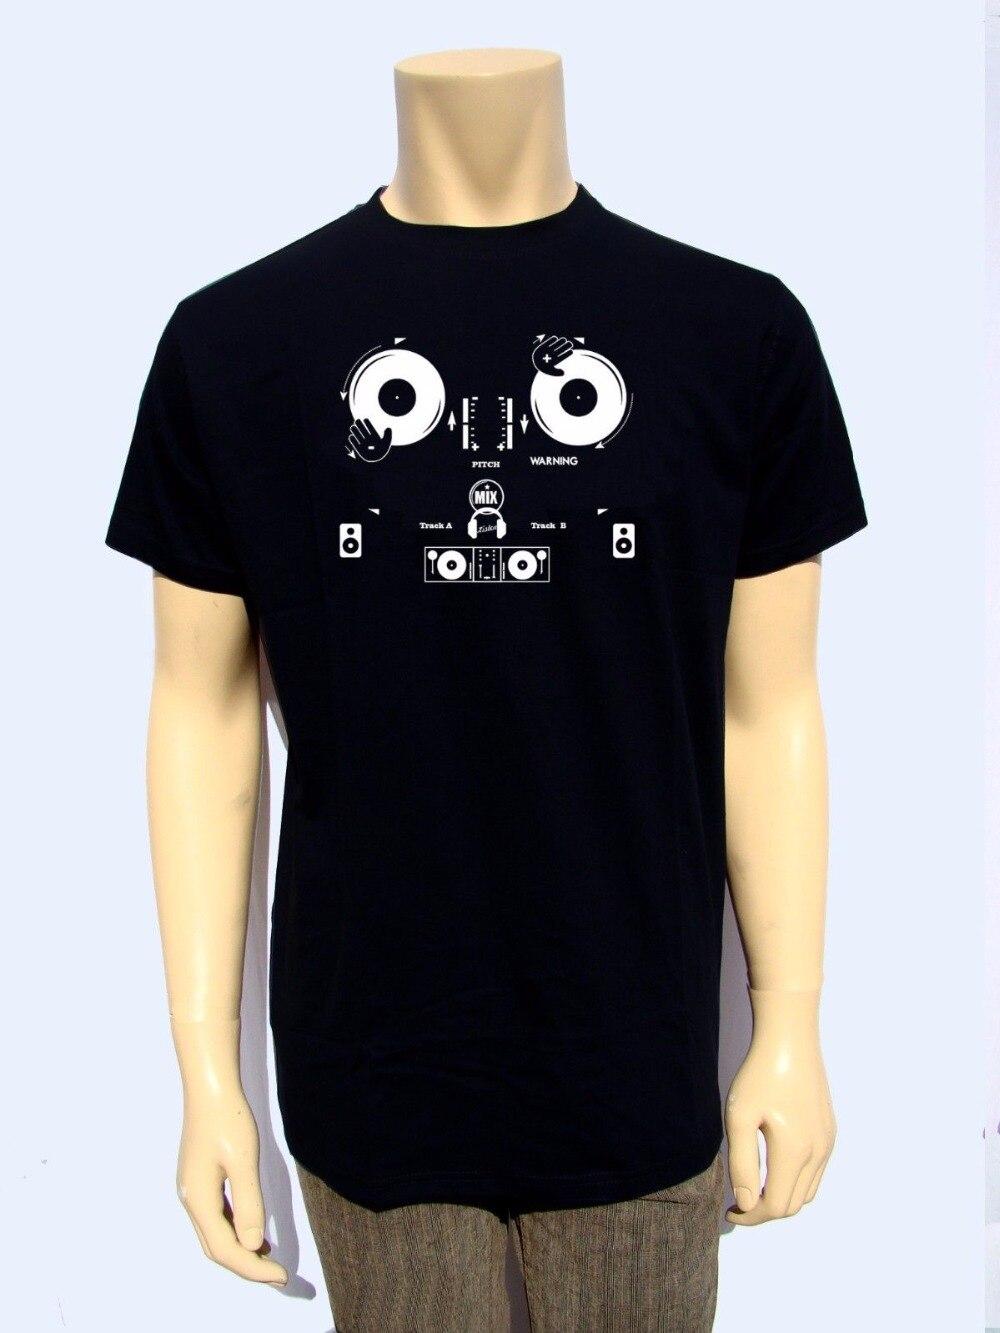 932555f0e2b85 Adultos casual camiseta giratoria pitch mens shirt camisa jpg 1000x1333  Camisetas de djs